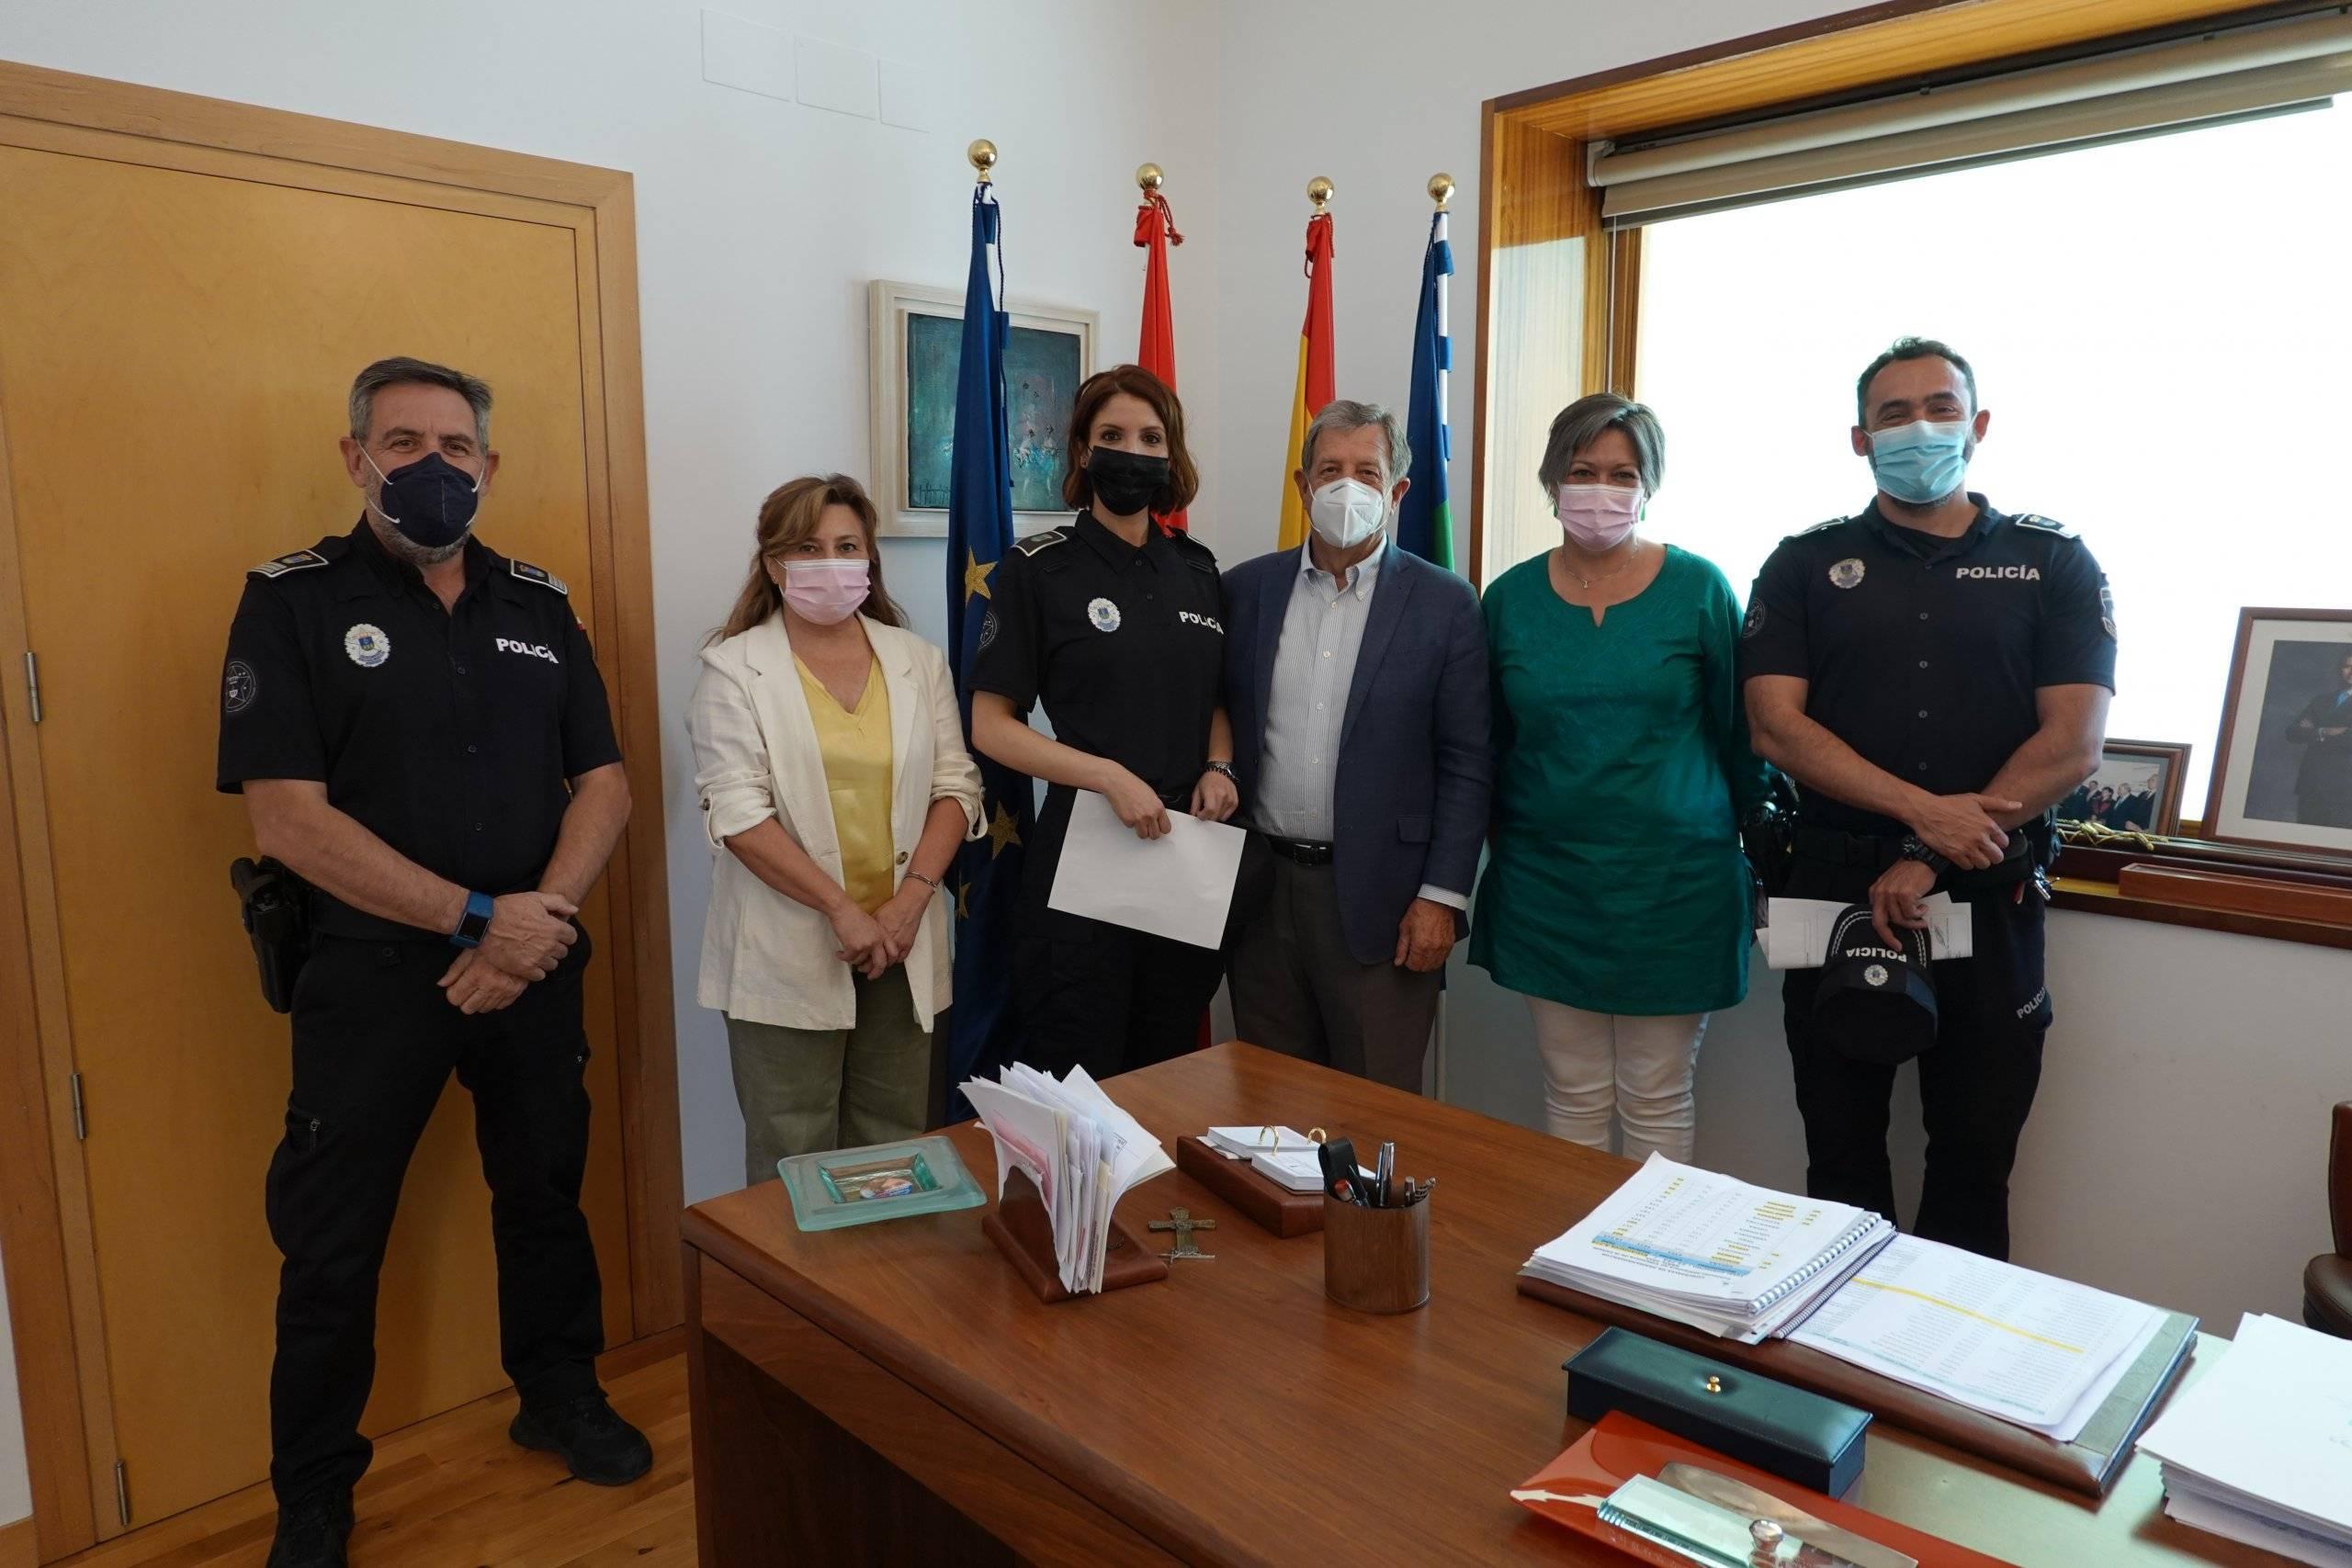 El alcalde y concejalas junto a responsables de Policía Local.